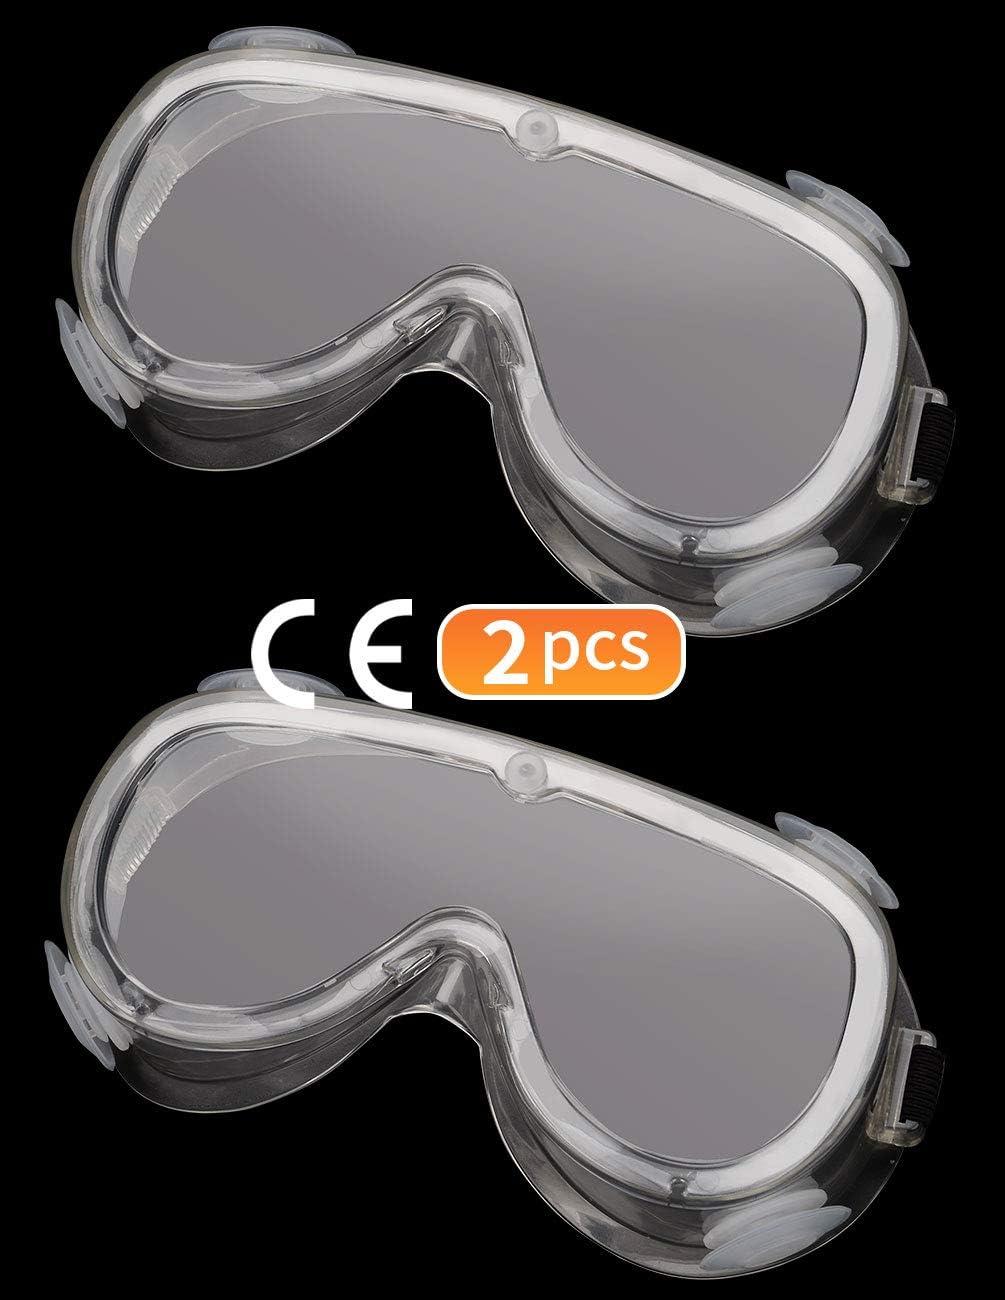 Gafas de Seguridad Antivaho para los Ojos, Gafas Protectoras Transparentes con Banda Elástica Ajustable Ligero Antisaliva, Paquete de 2